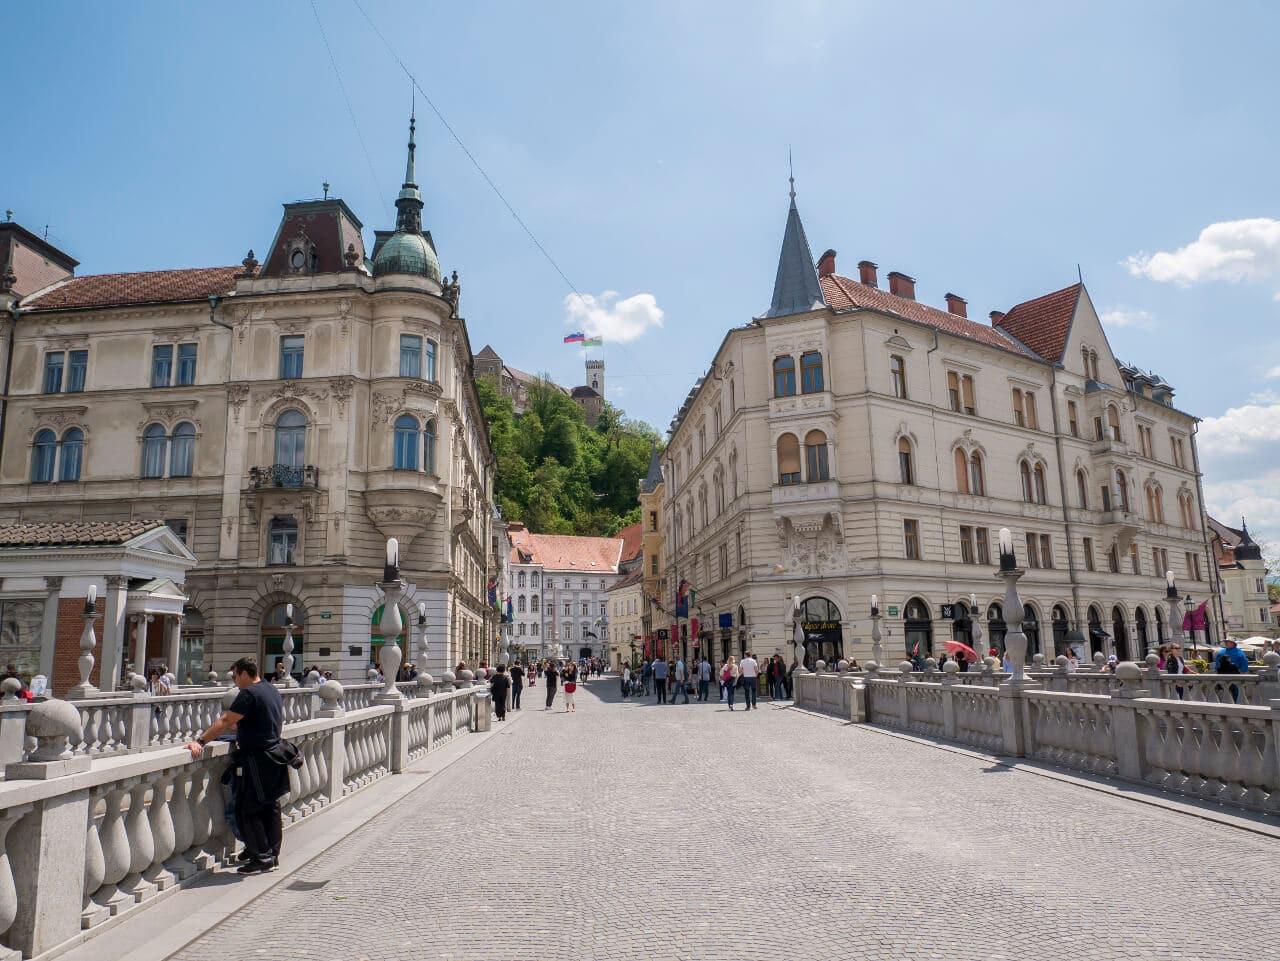 Co warto zobaczyć w Słowenii - Górujący nad miastem zamek widziany z Potrójnego Mostu